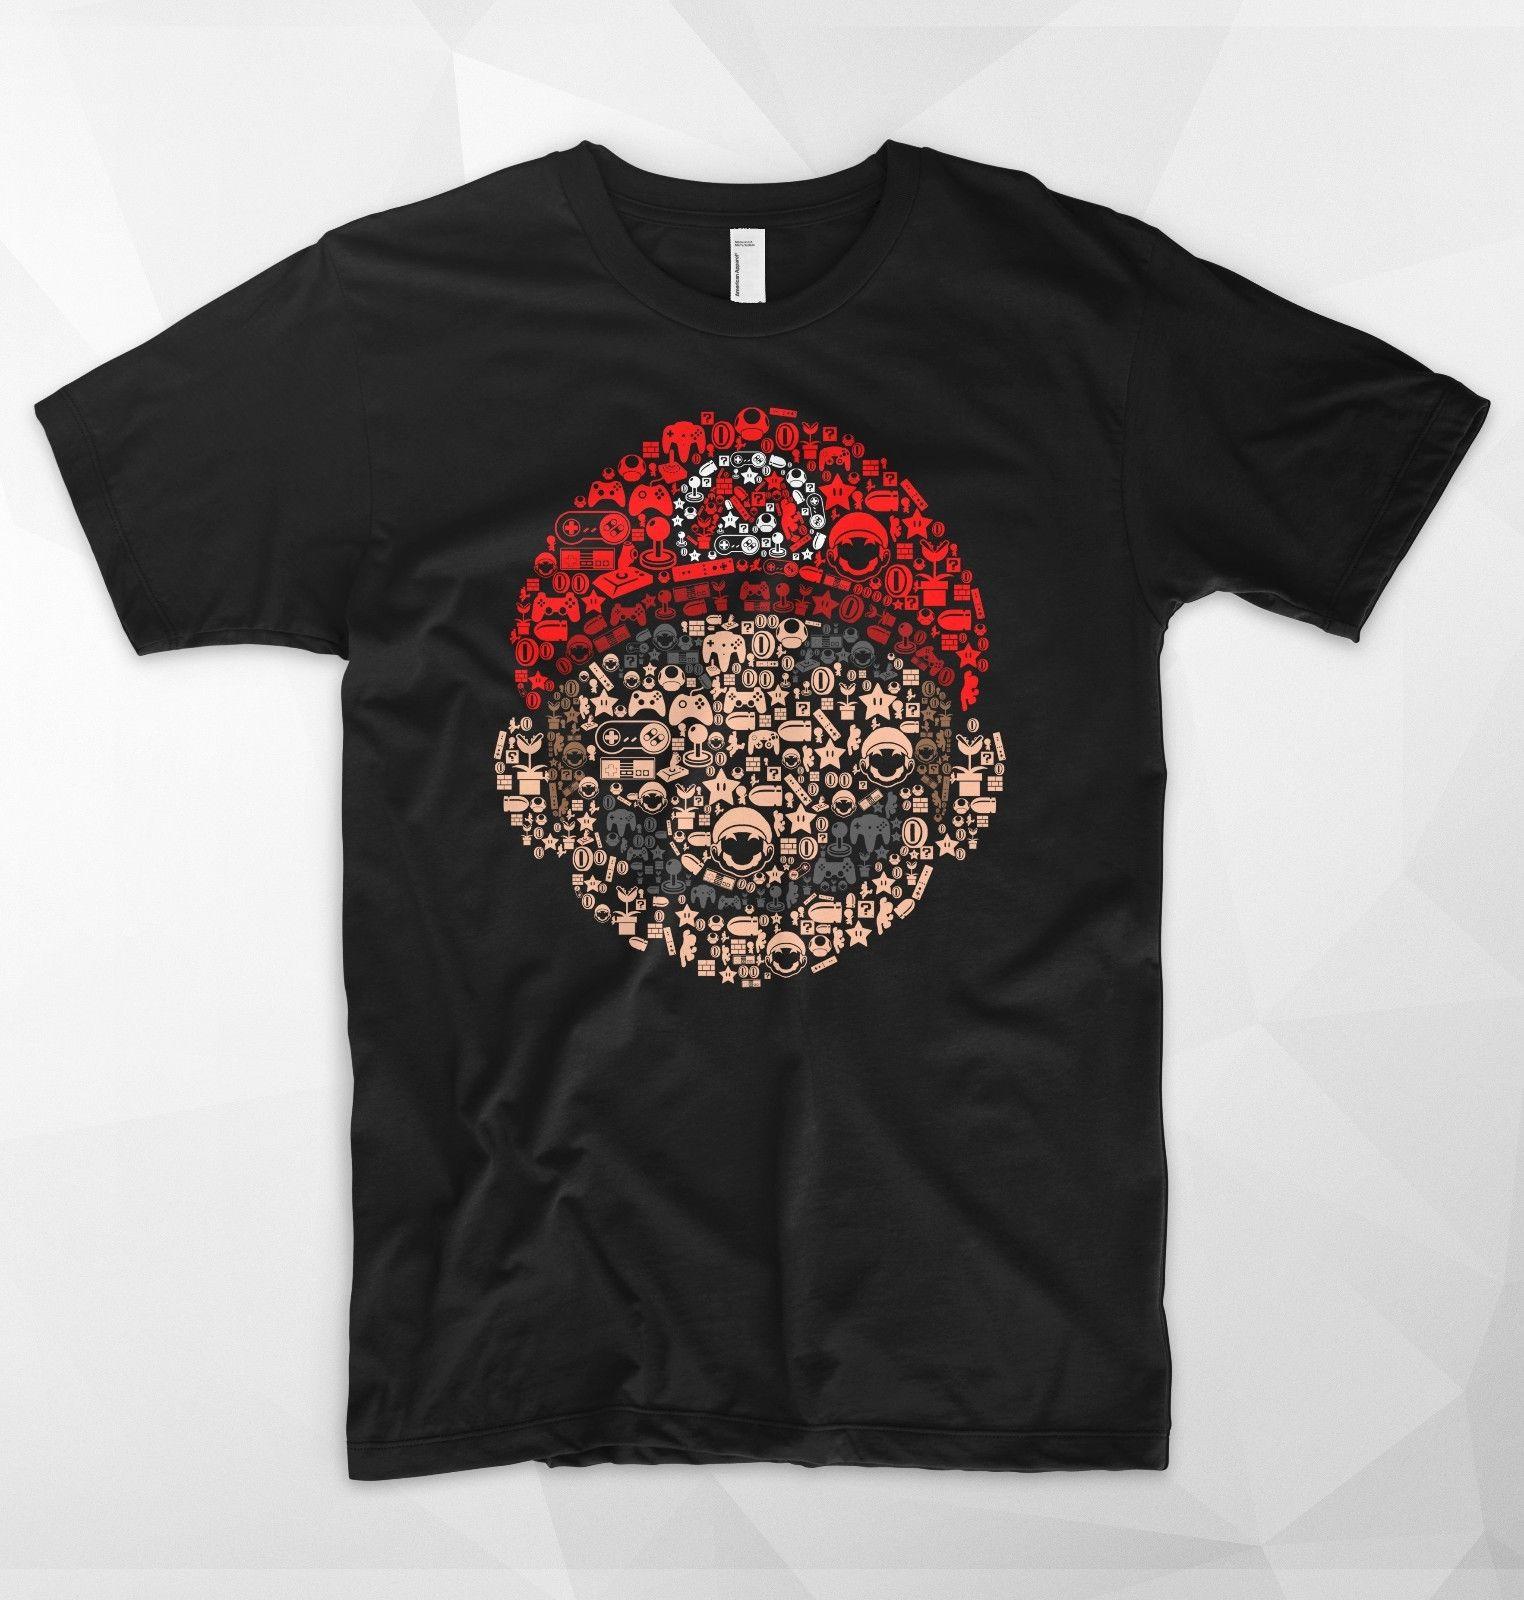 El Professor T-shirt Money Mask La Casa Heist De Papel Dali Tokio Glasses Shirts Homme Novelty T Shirt Men Men's Clothing Tops & Tees